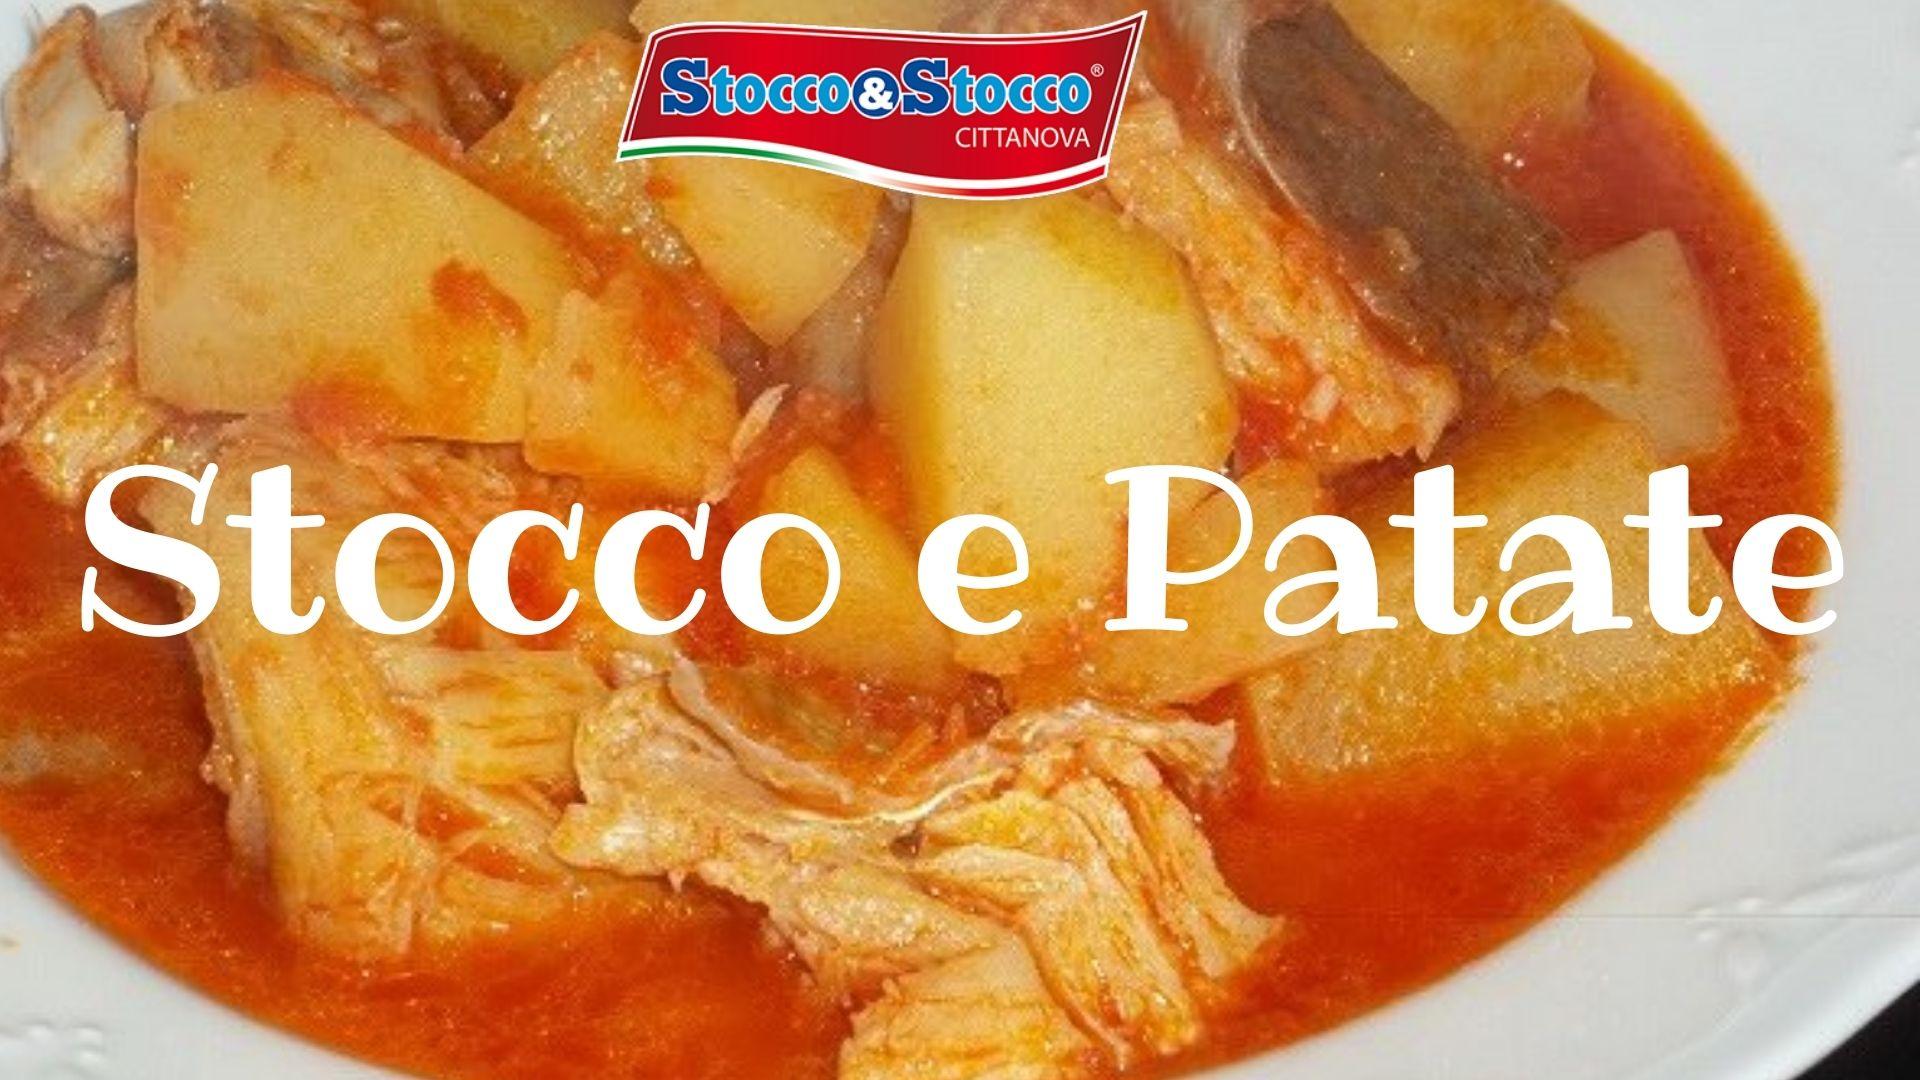 Stocco&Stocco e patate alla calabrese